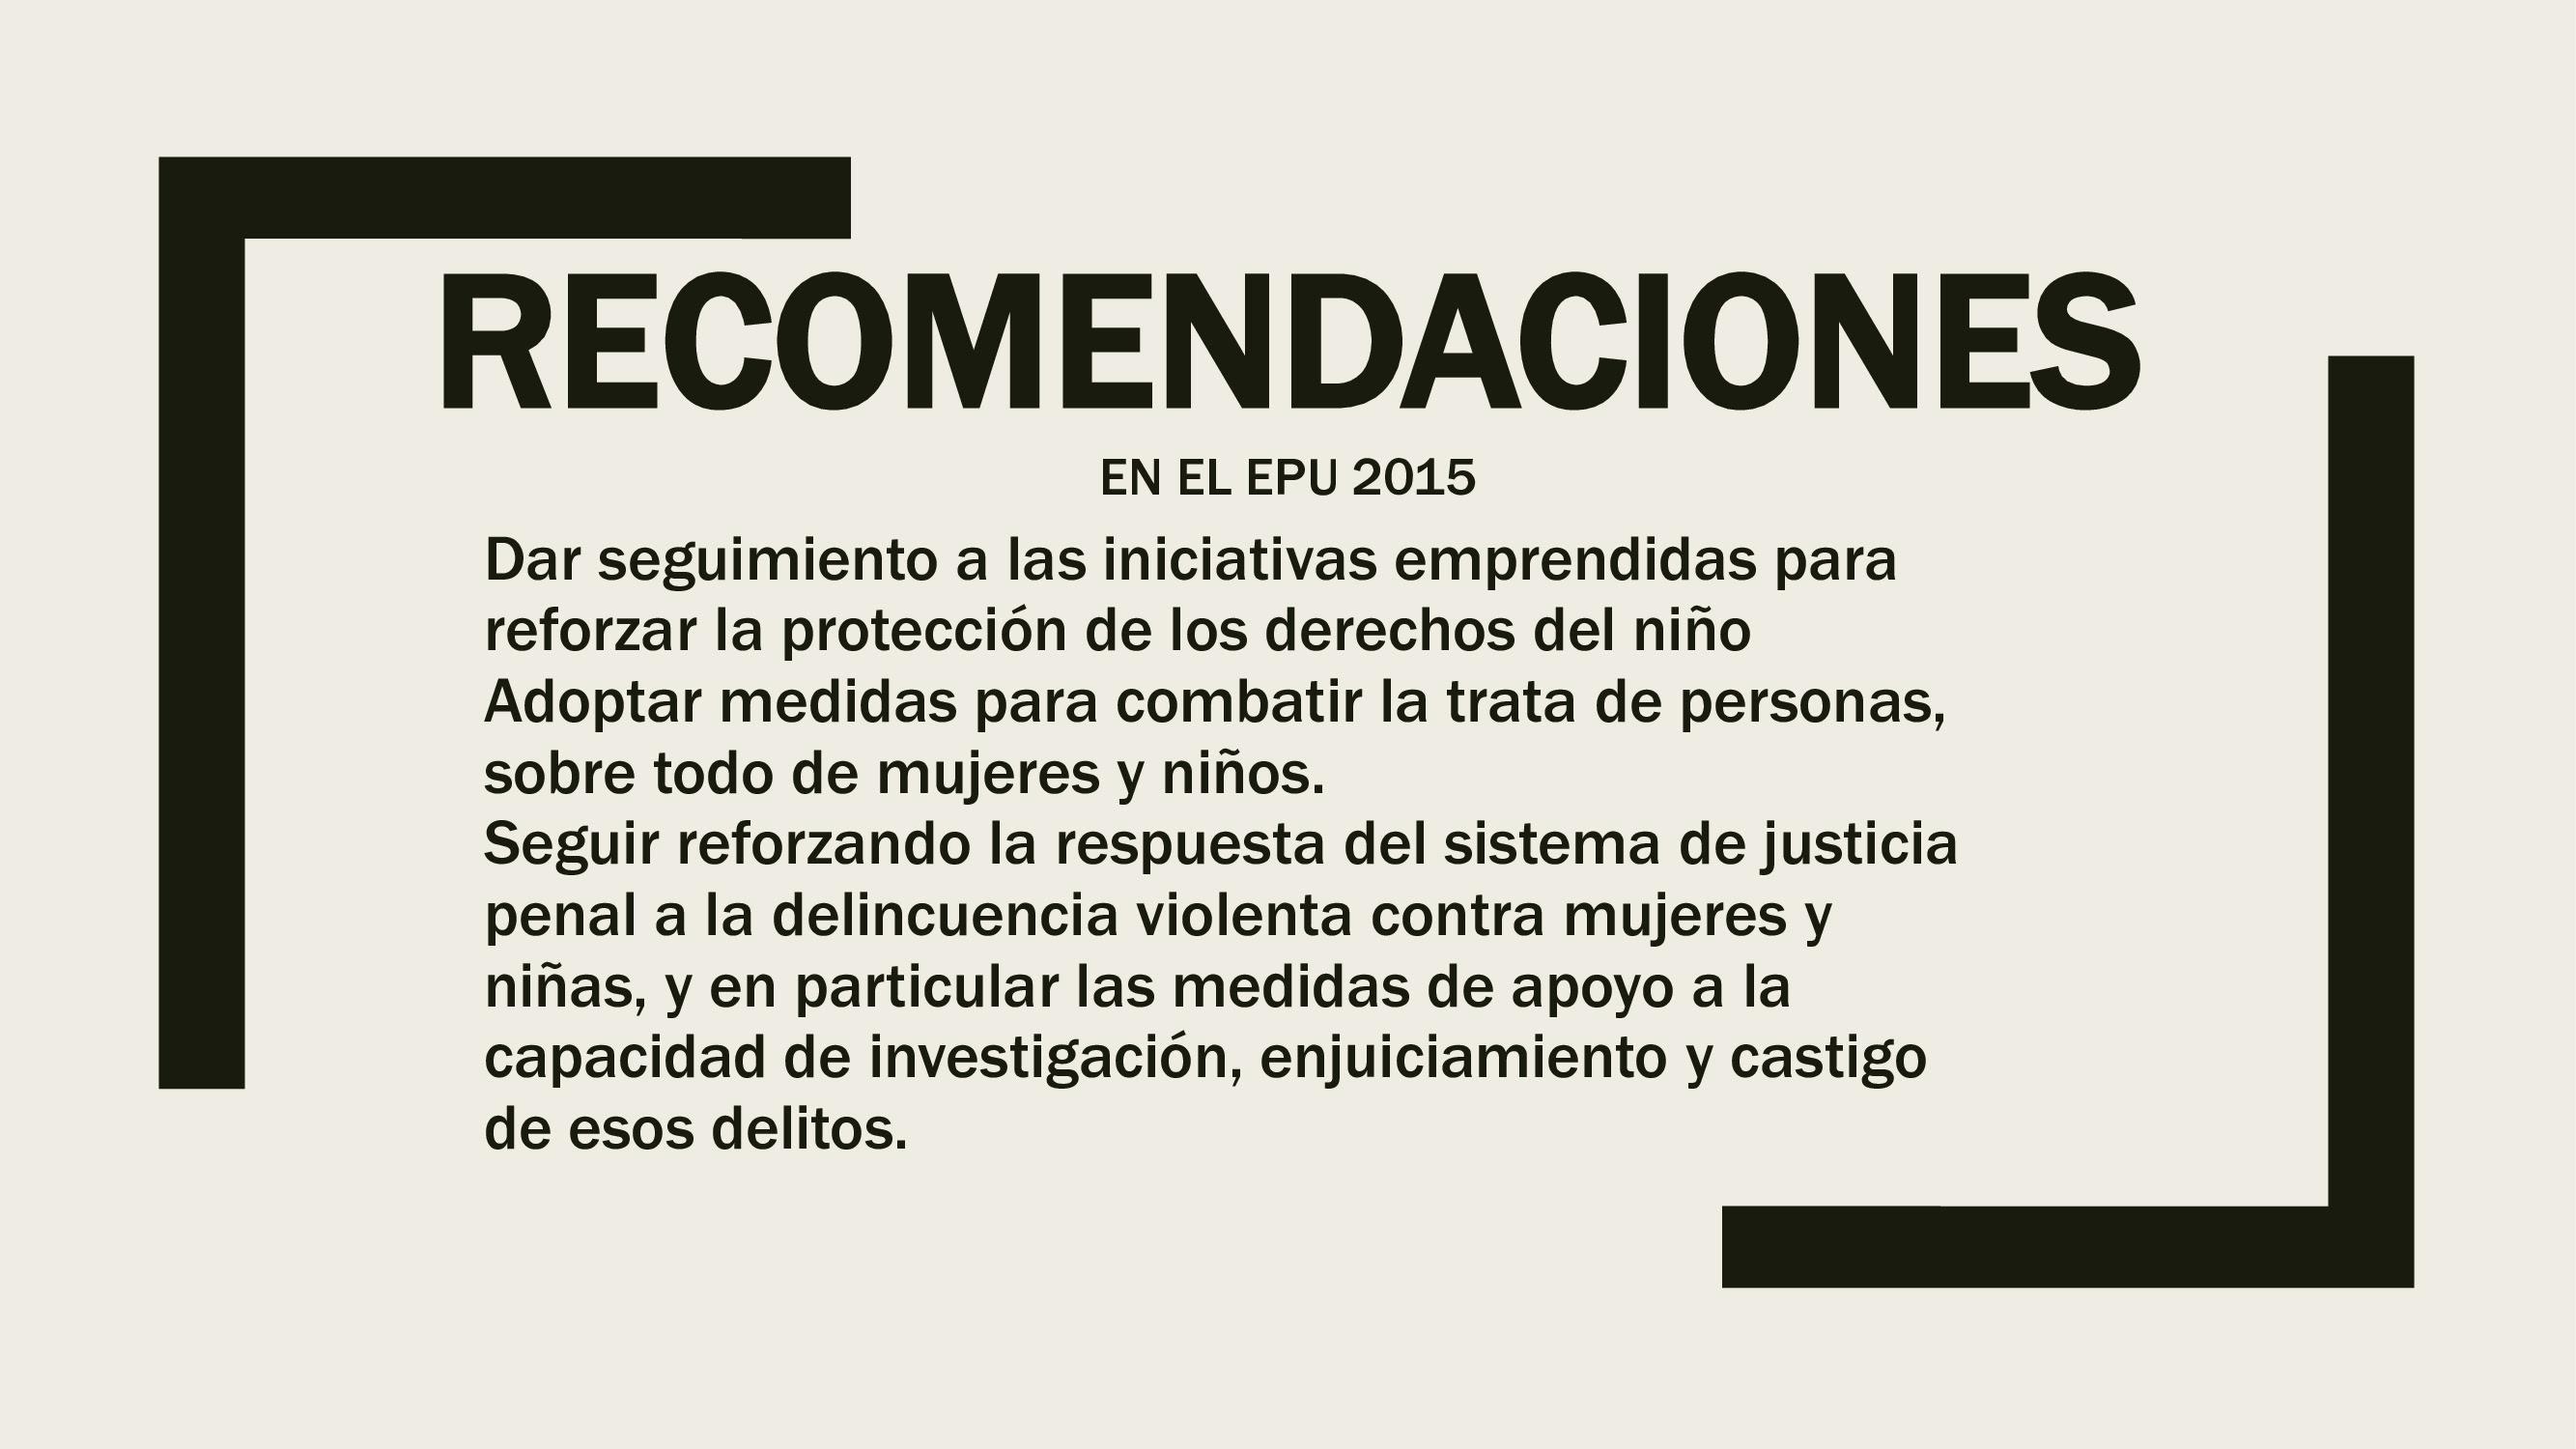 Recomendaciones en el EPU 2015 4